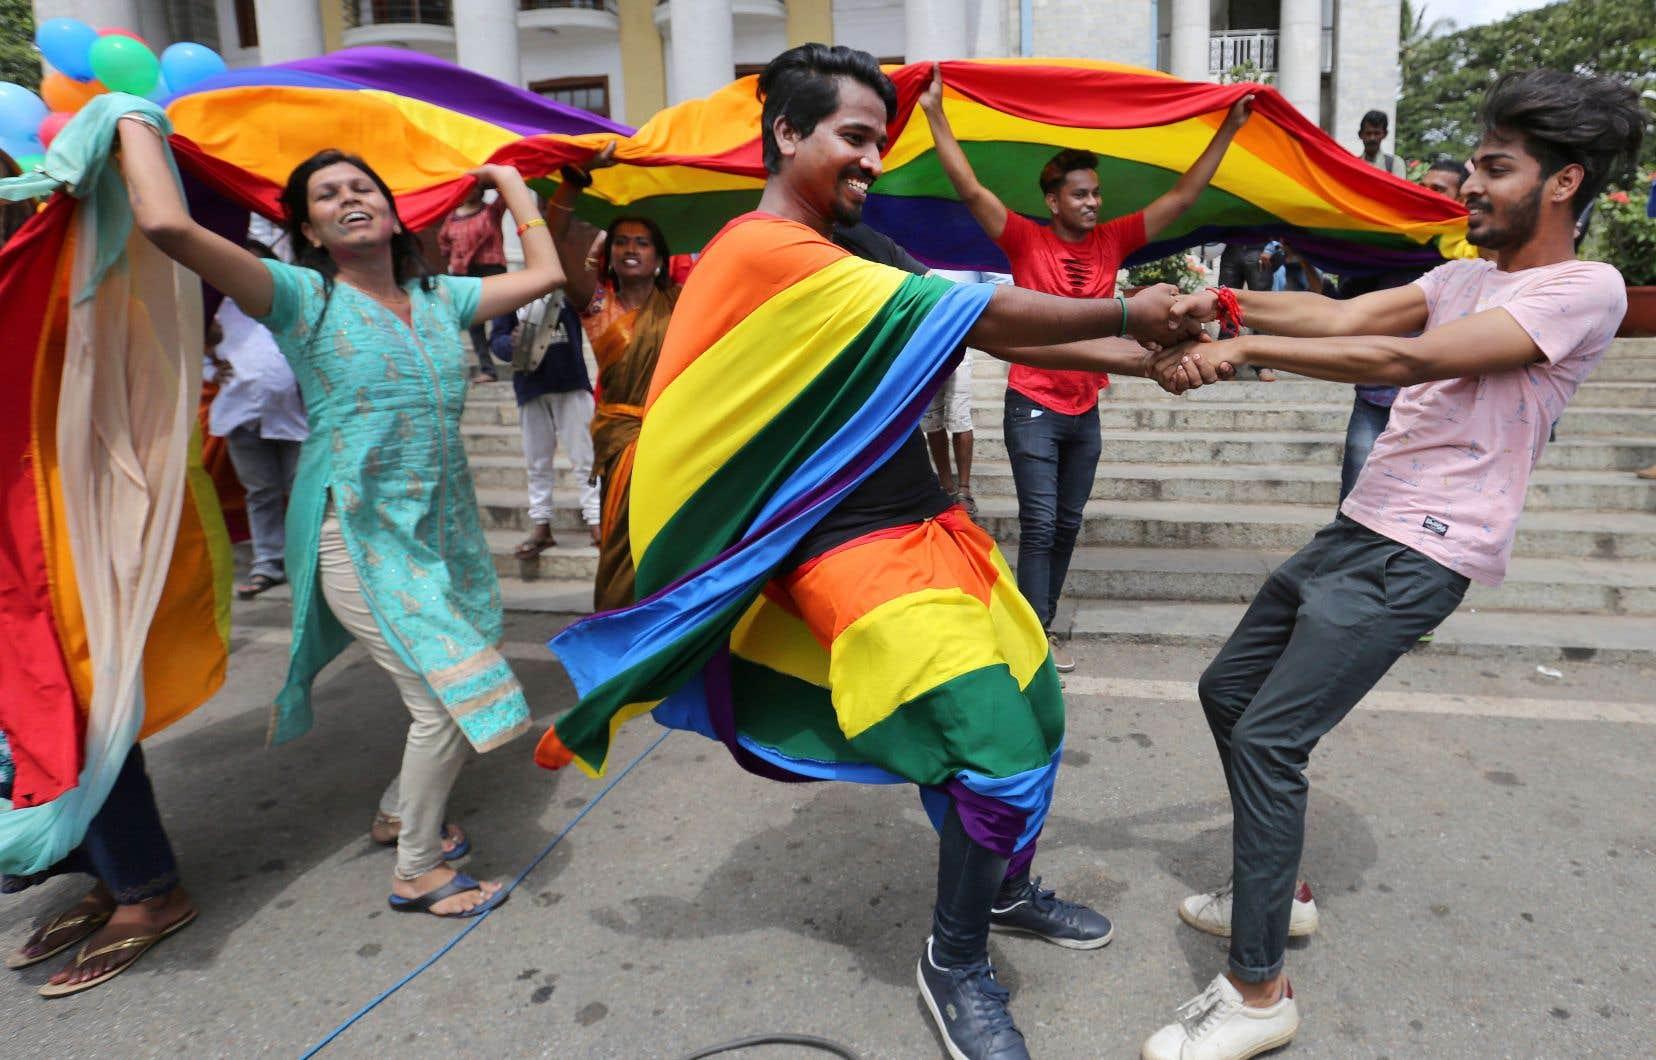 À travers le pays, plusieurs personnes ont manifesté leur joie en agitant des drapeaux arc-en-ciel, en s'effondrant dans les bras les uns des autres et en dansant, comme sur la photo, à Bangalore.